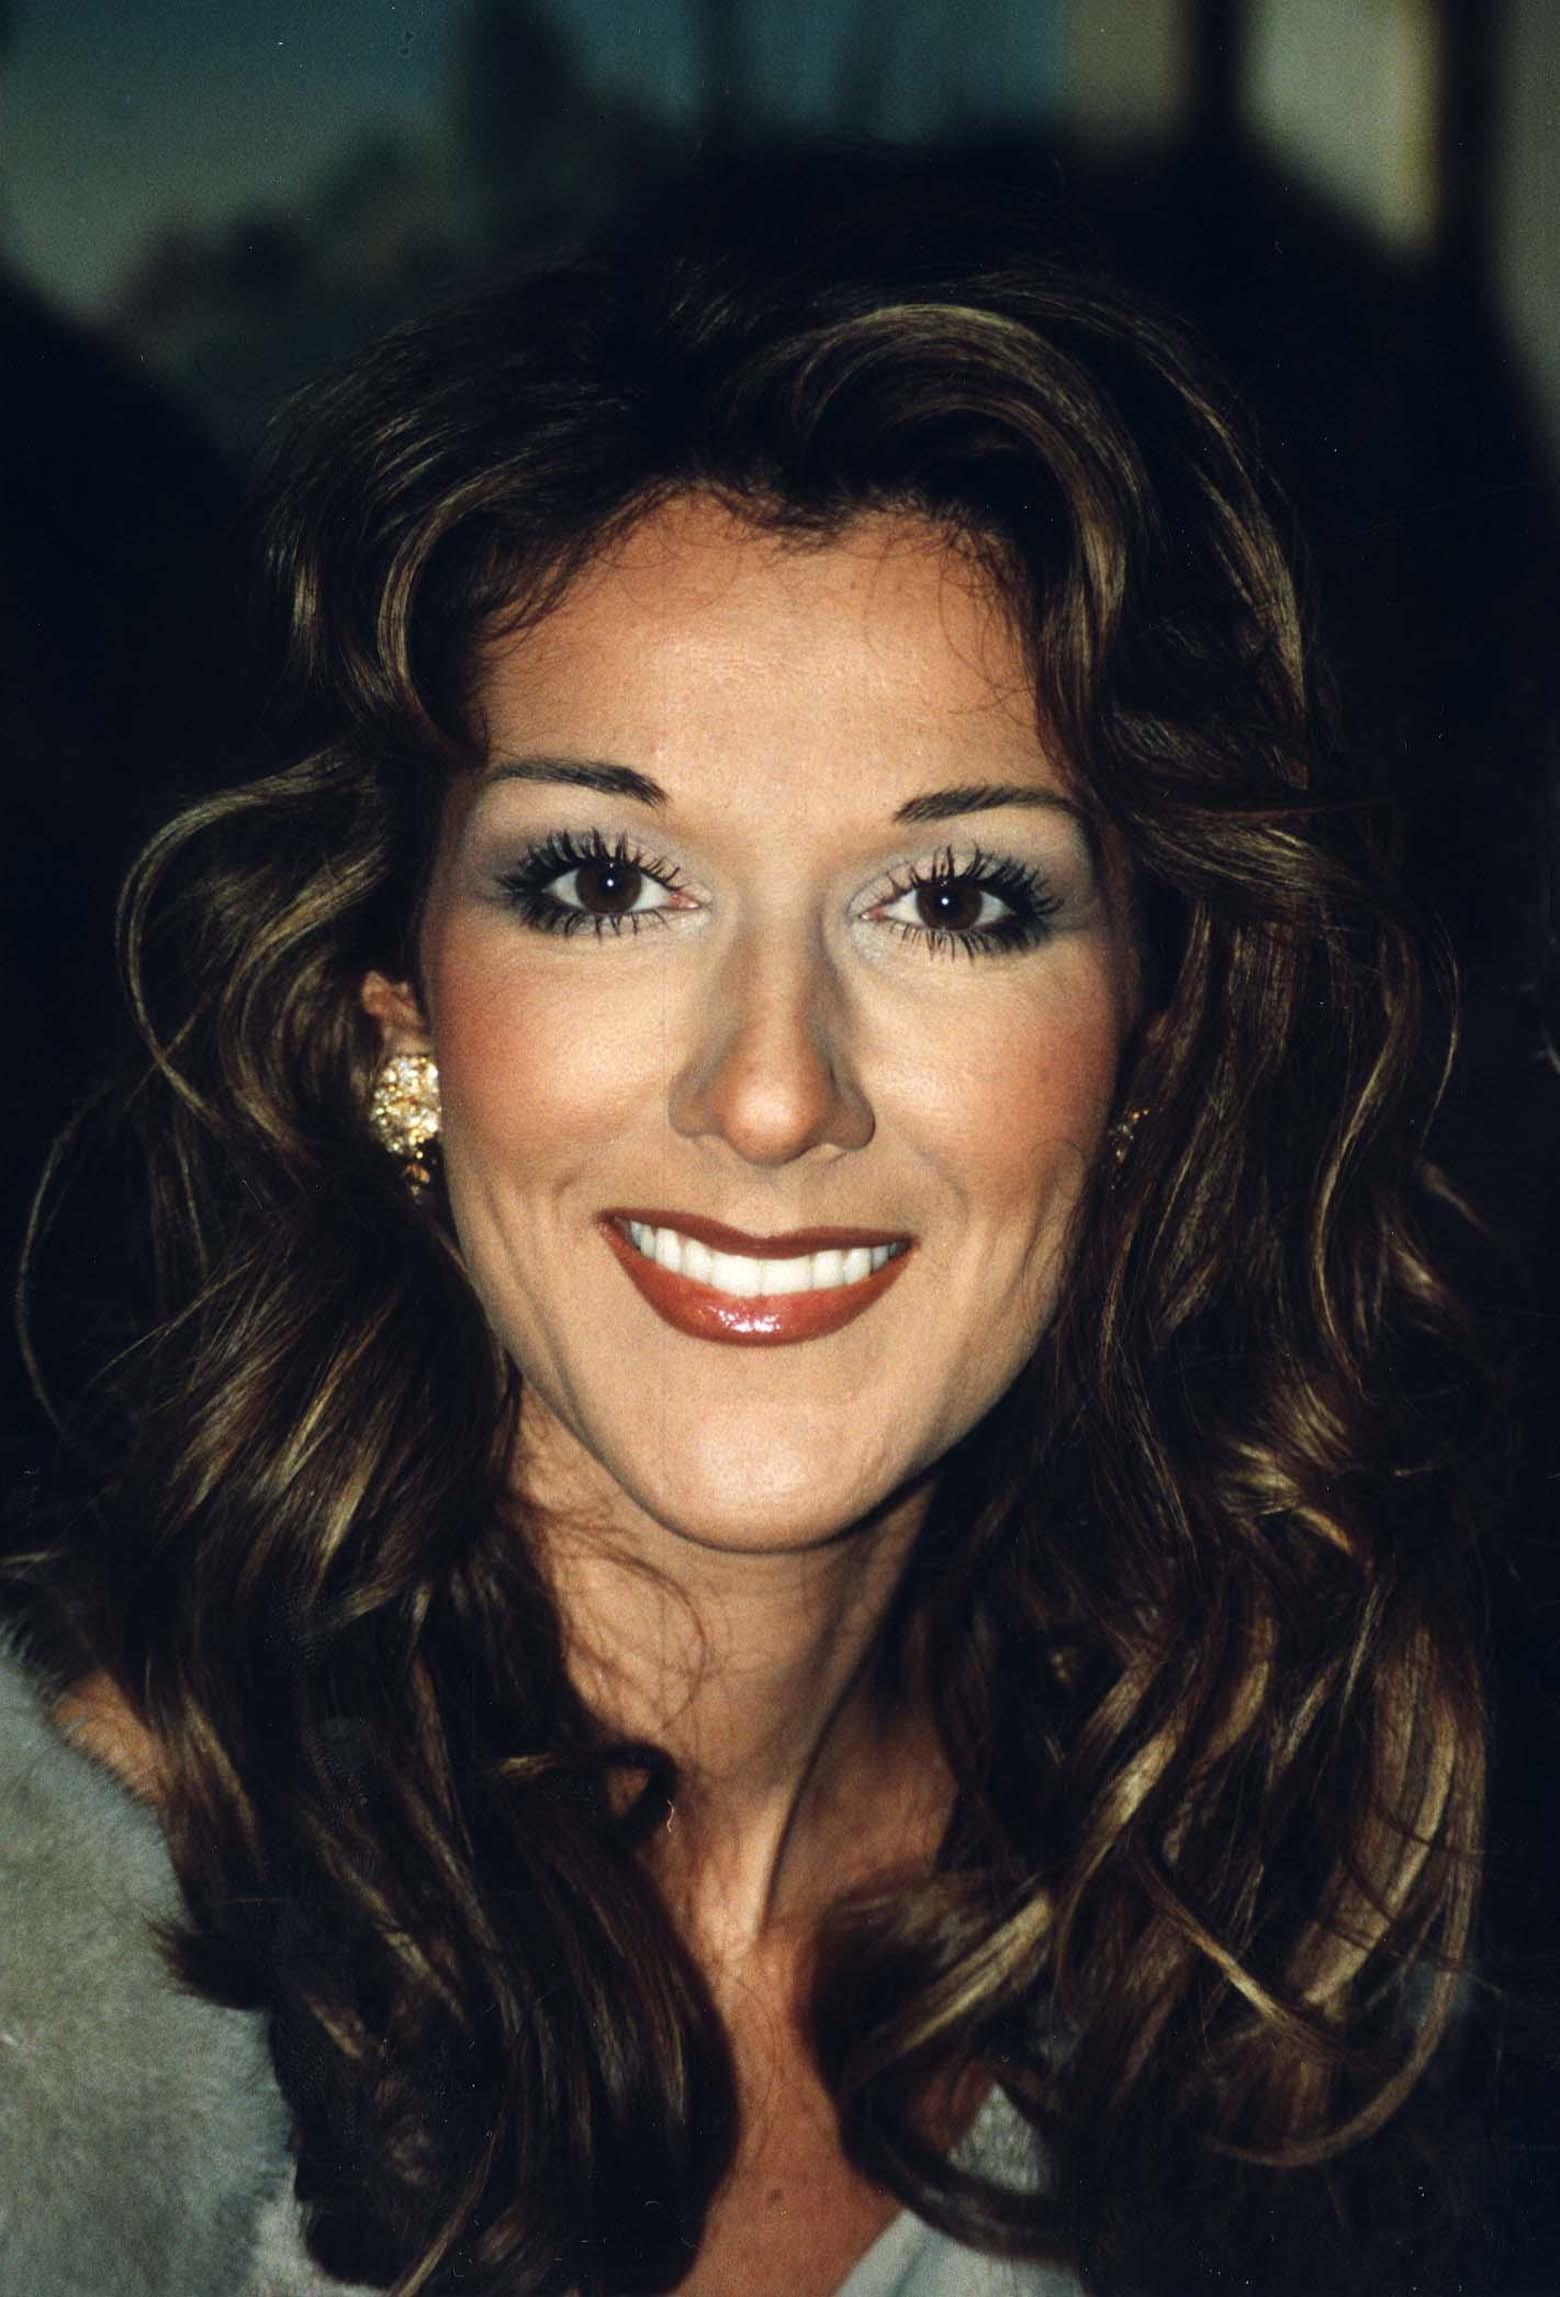 Poet Celine Dion